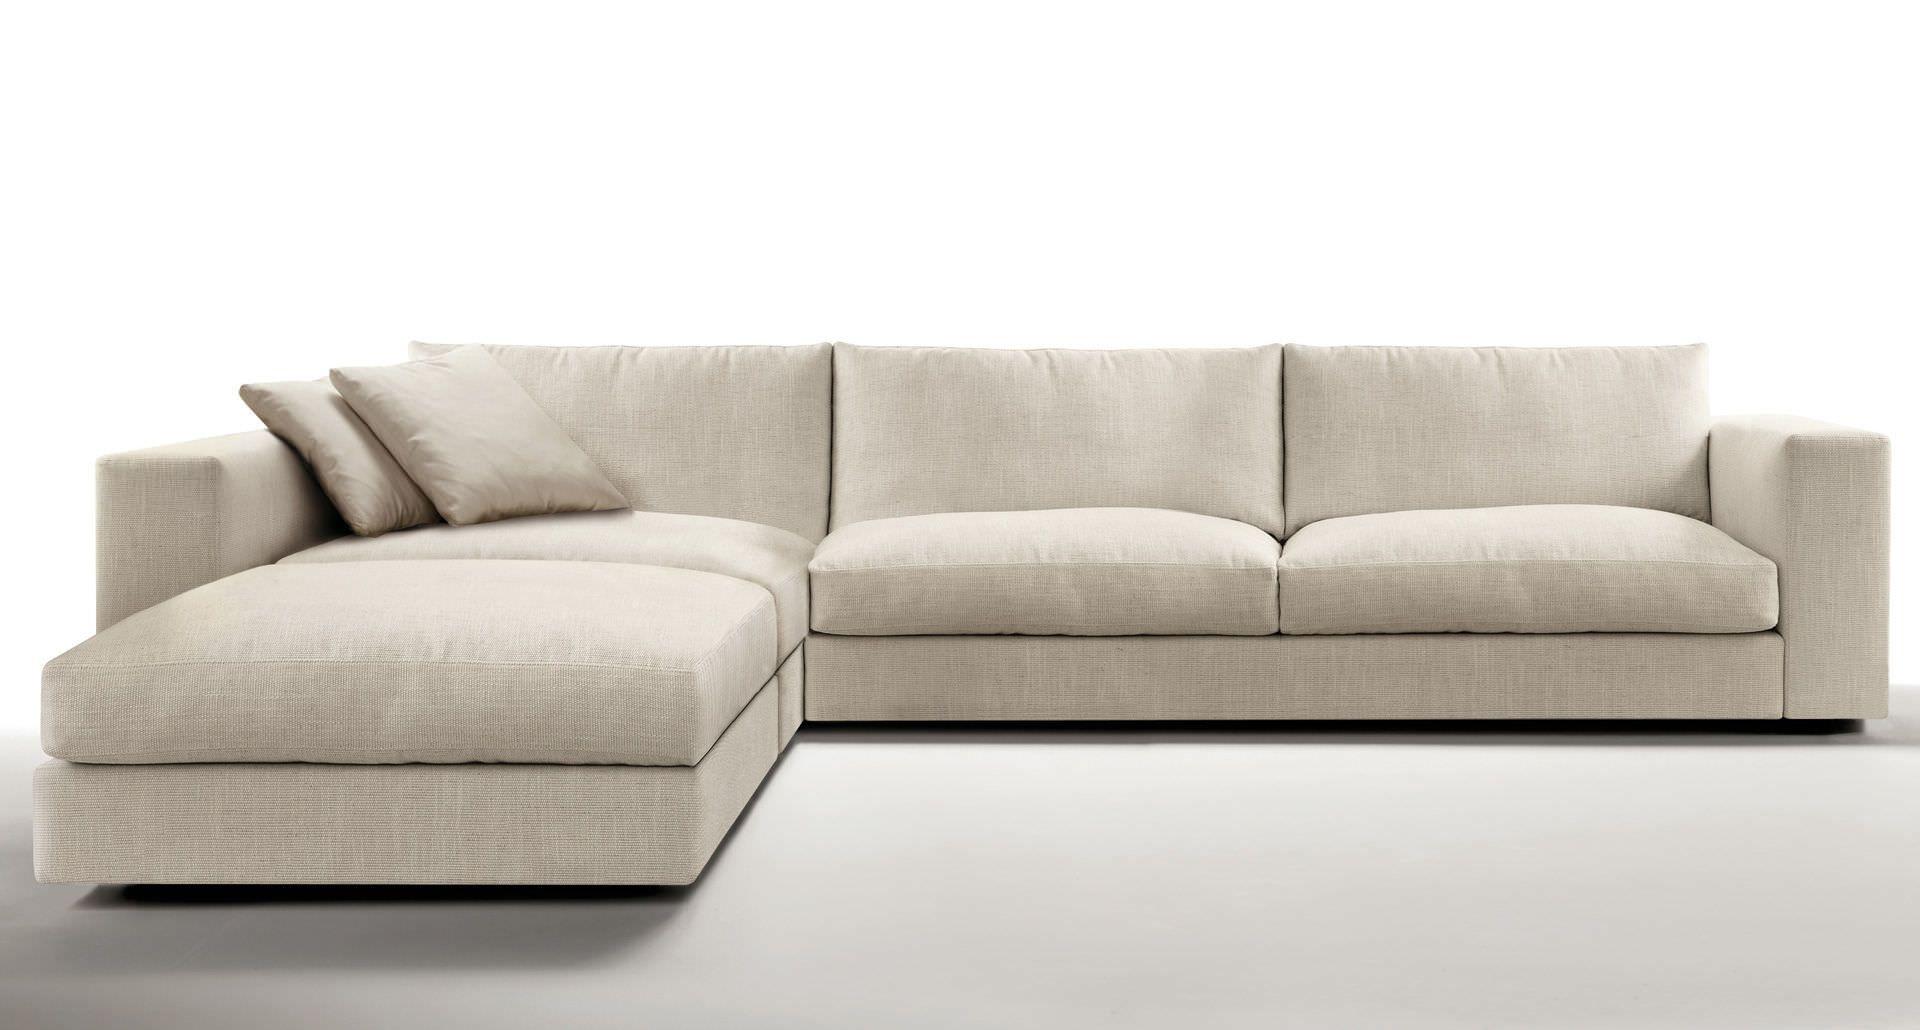 Corner Sofa in India,Corner Sofa Manufacturers in India